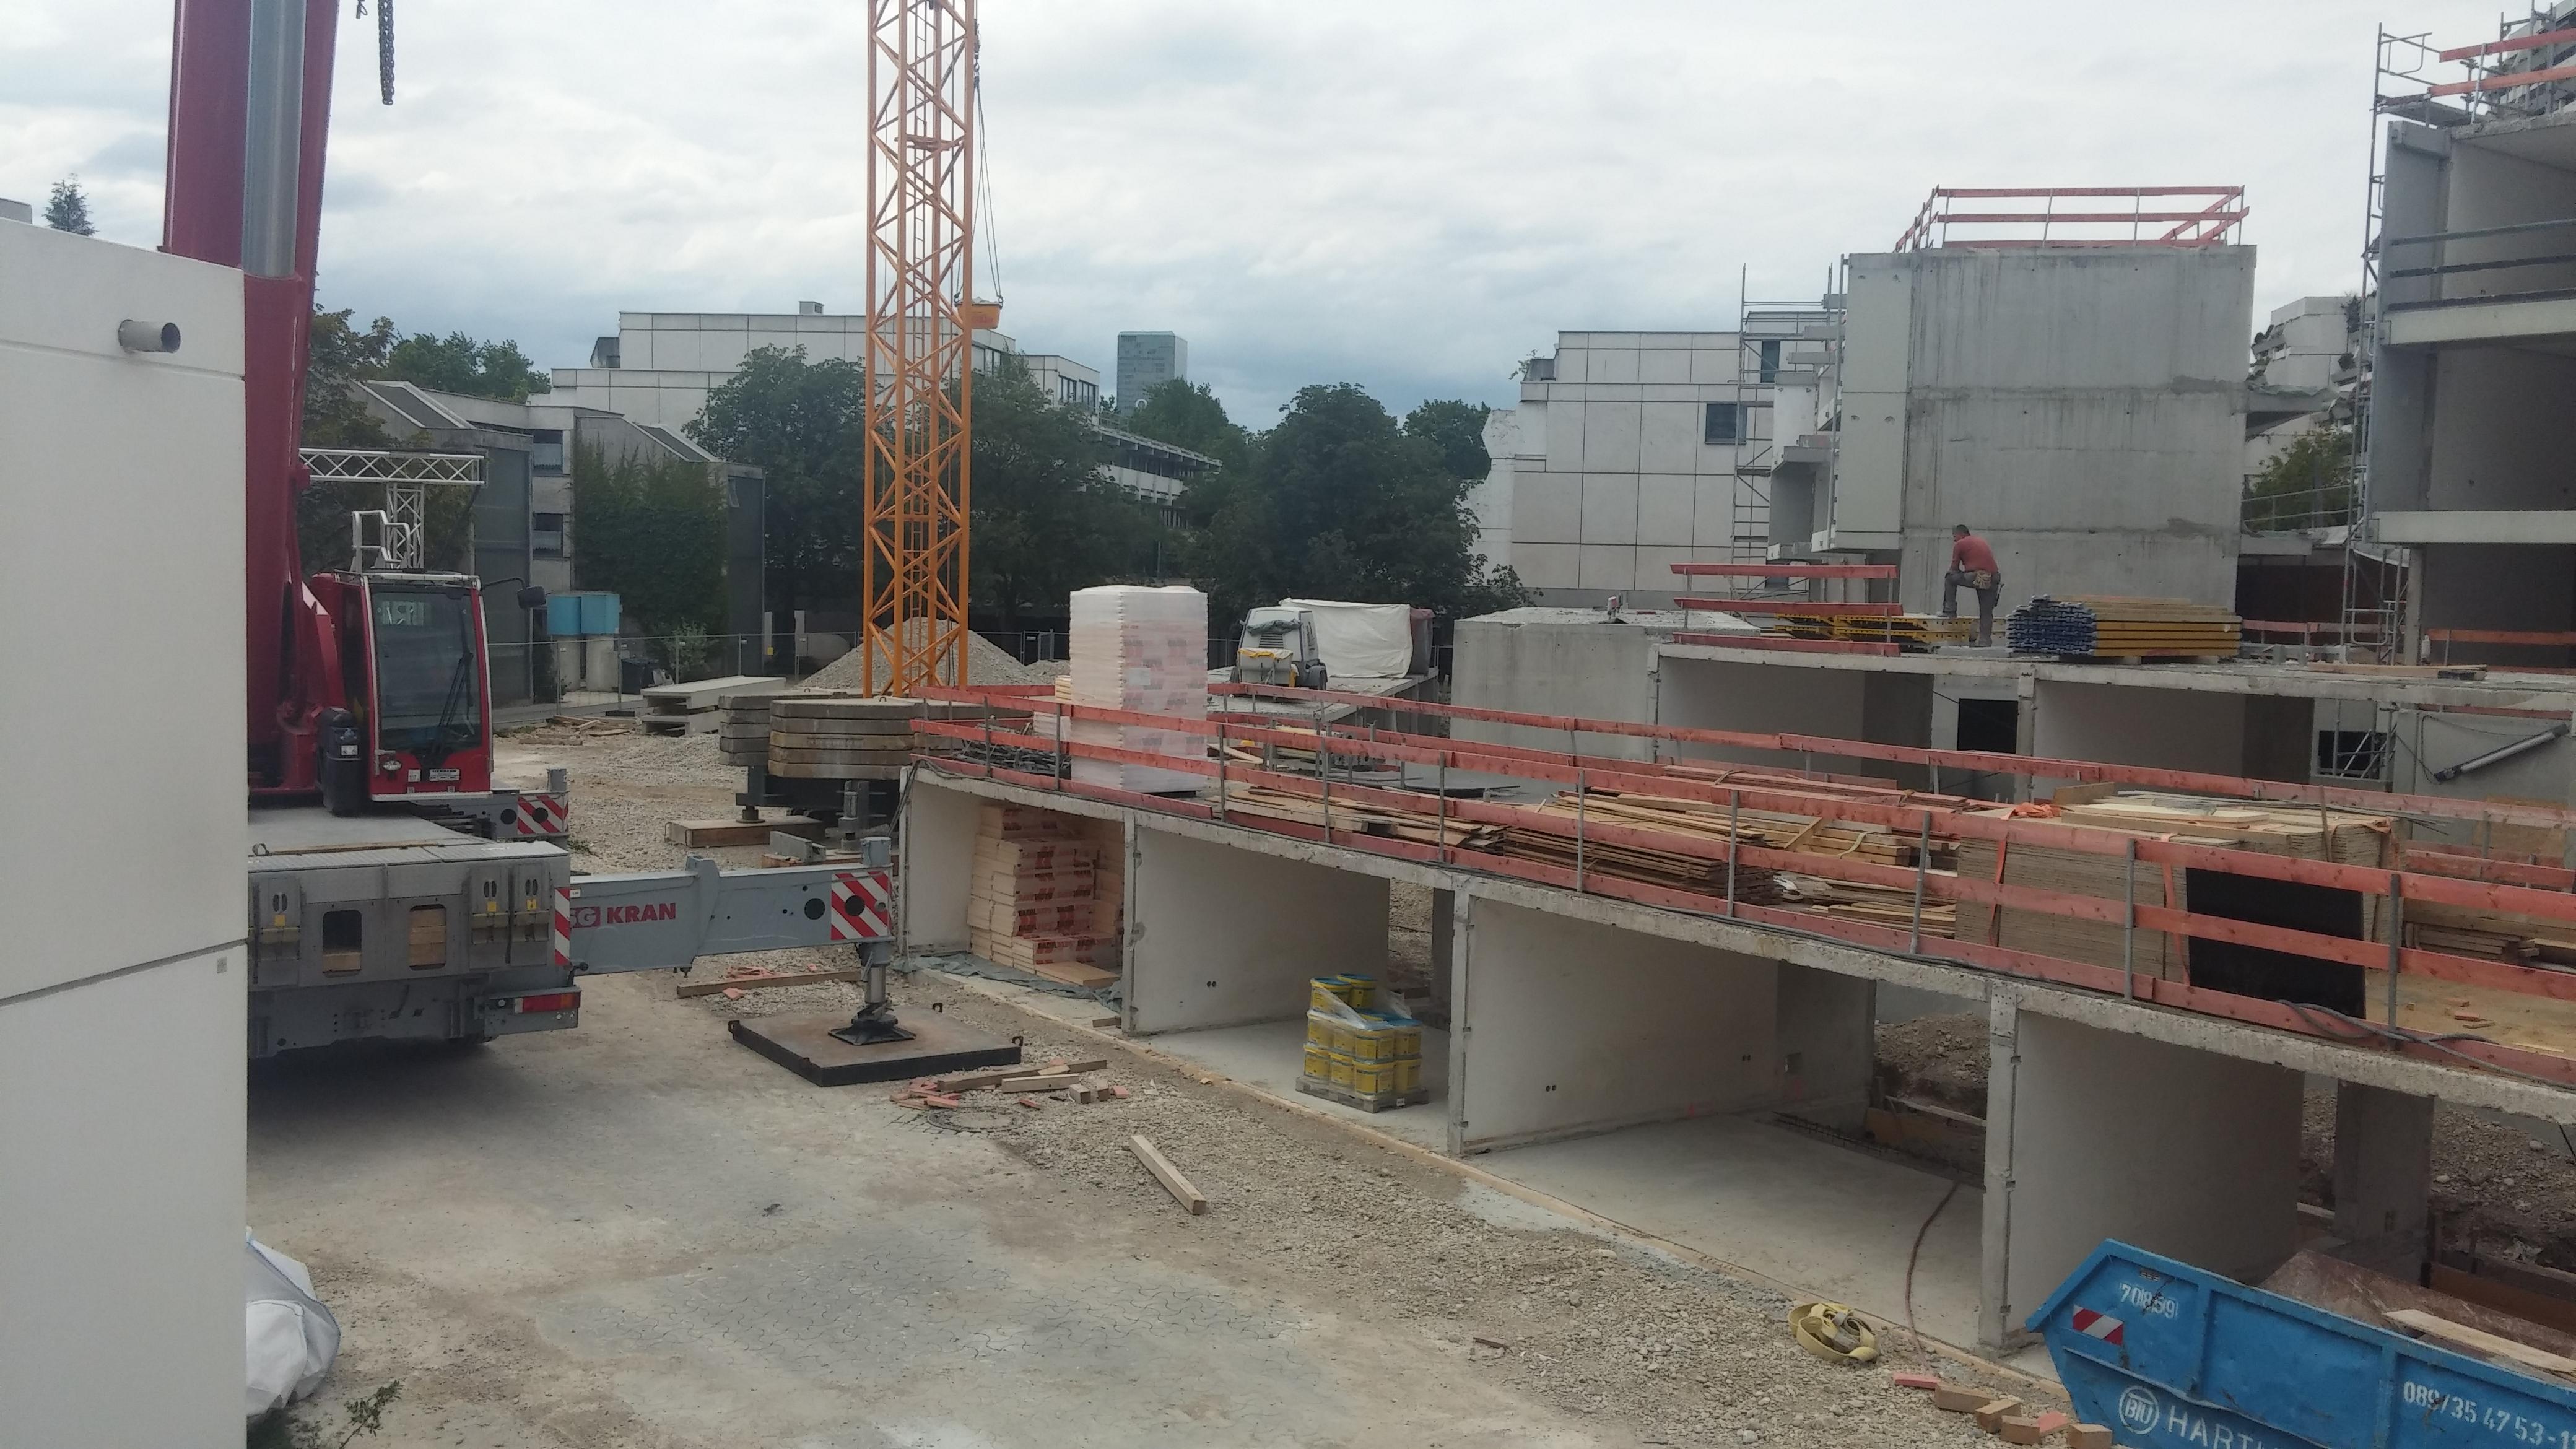 [:de]Studentenwerk plant keine Entschädigung für die Bauarbeiten[:en]Studentenwerk does not offer compensation for construction site[:]